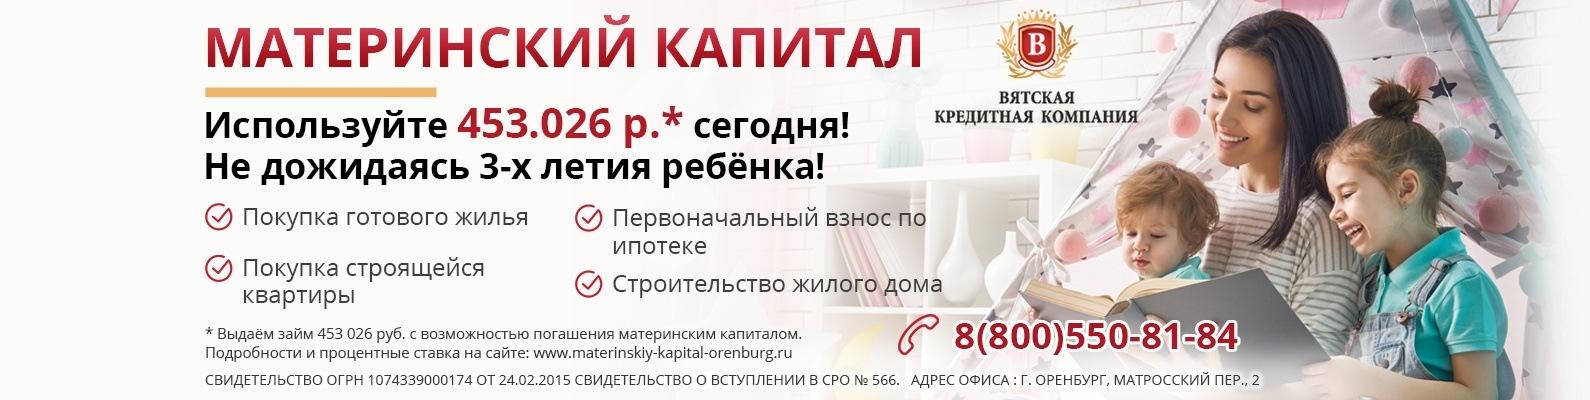 Займы под материнский капитал в оренбурге срочный онлайн кредит на киви кошелек